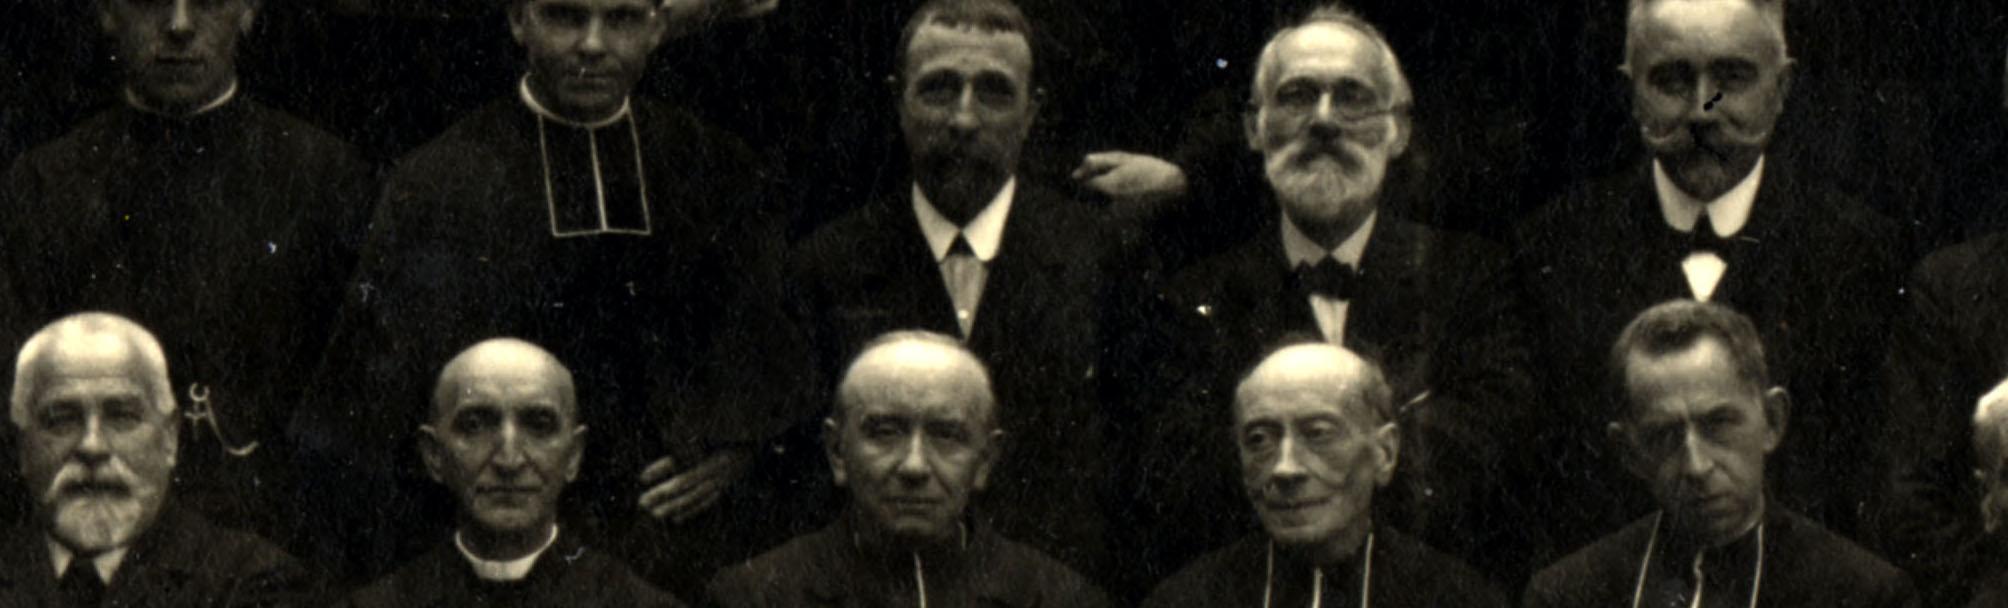 Les débuts des Fils de la Charité (1/2). Premiers prêtres et frères (1918-1920)